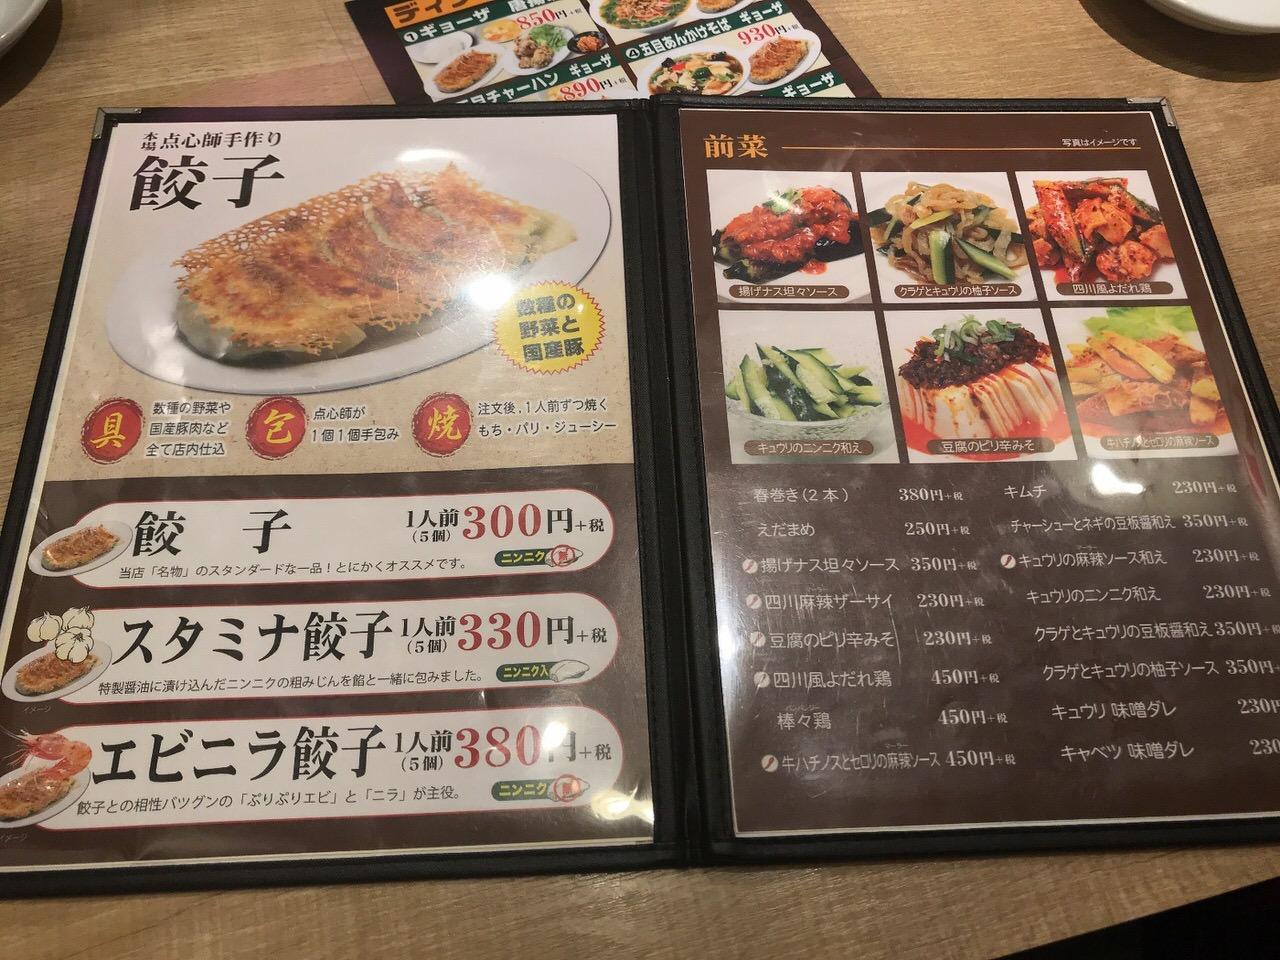 駒込餃子軒 メニュー 02